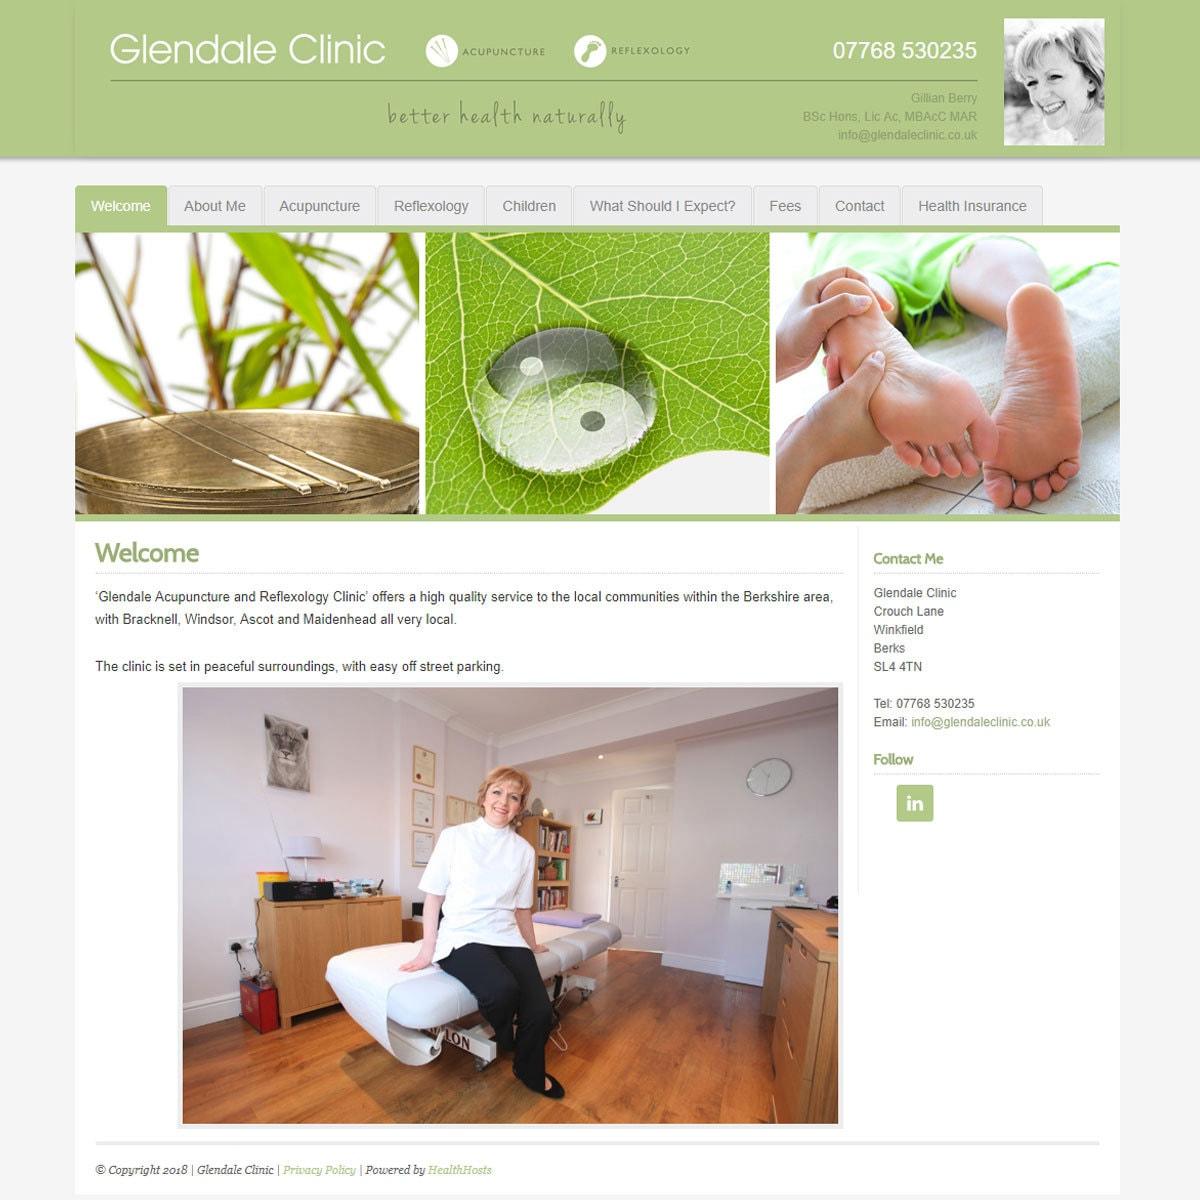 glendaleclinic